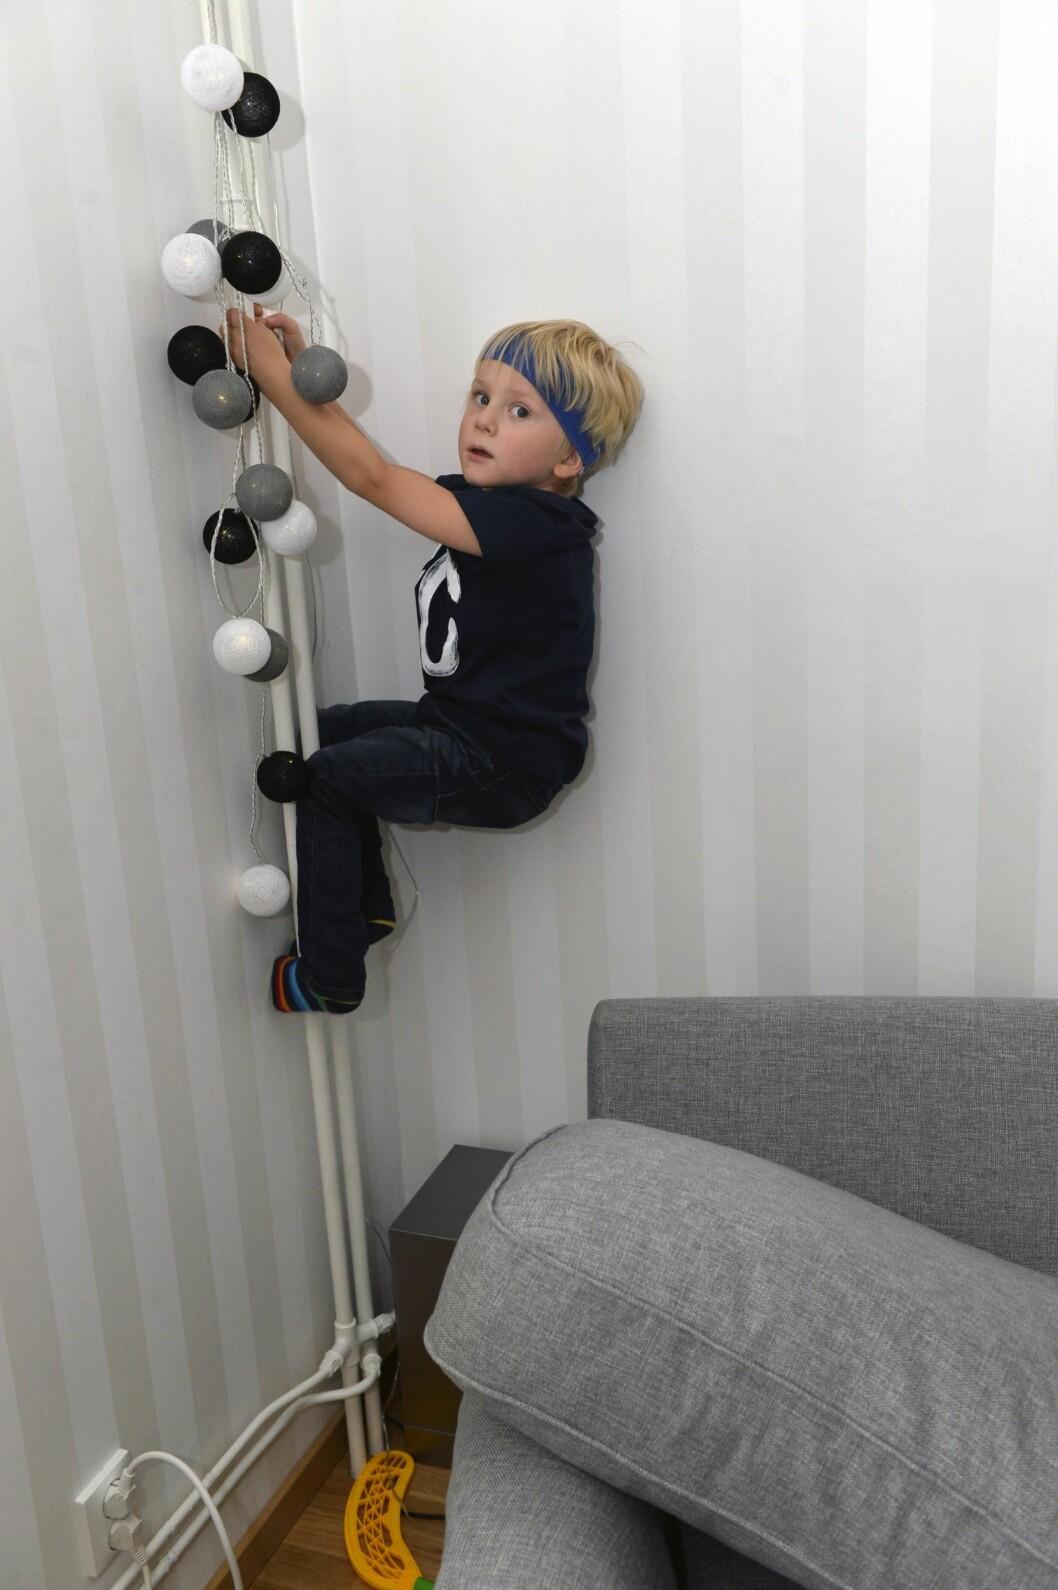 Vilter: Etter at Erik begynte å høre igjen, er han akkurat like leken og energisk som andre barn. Foto: Kai Rhan